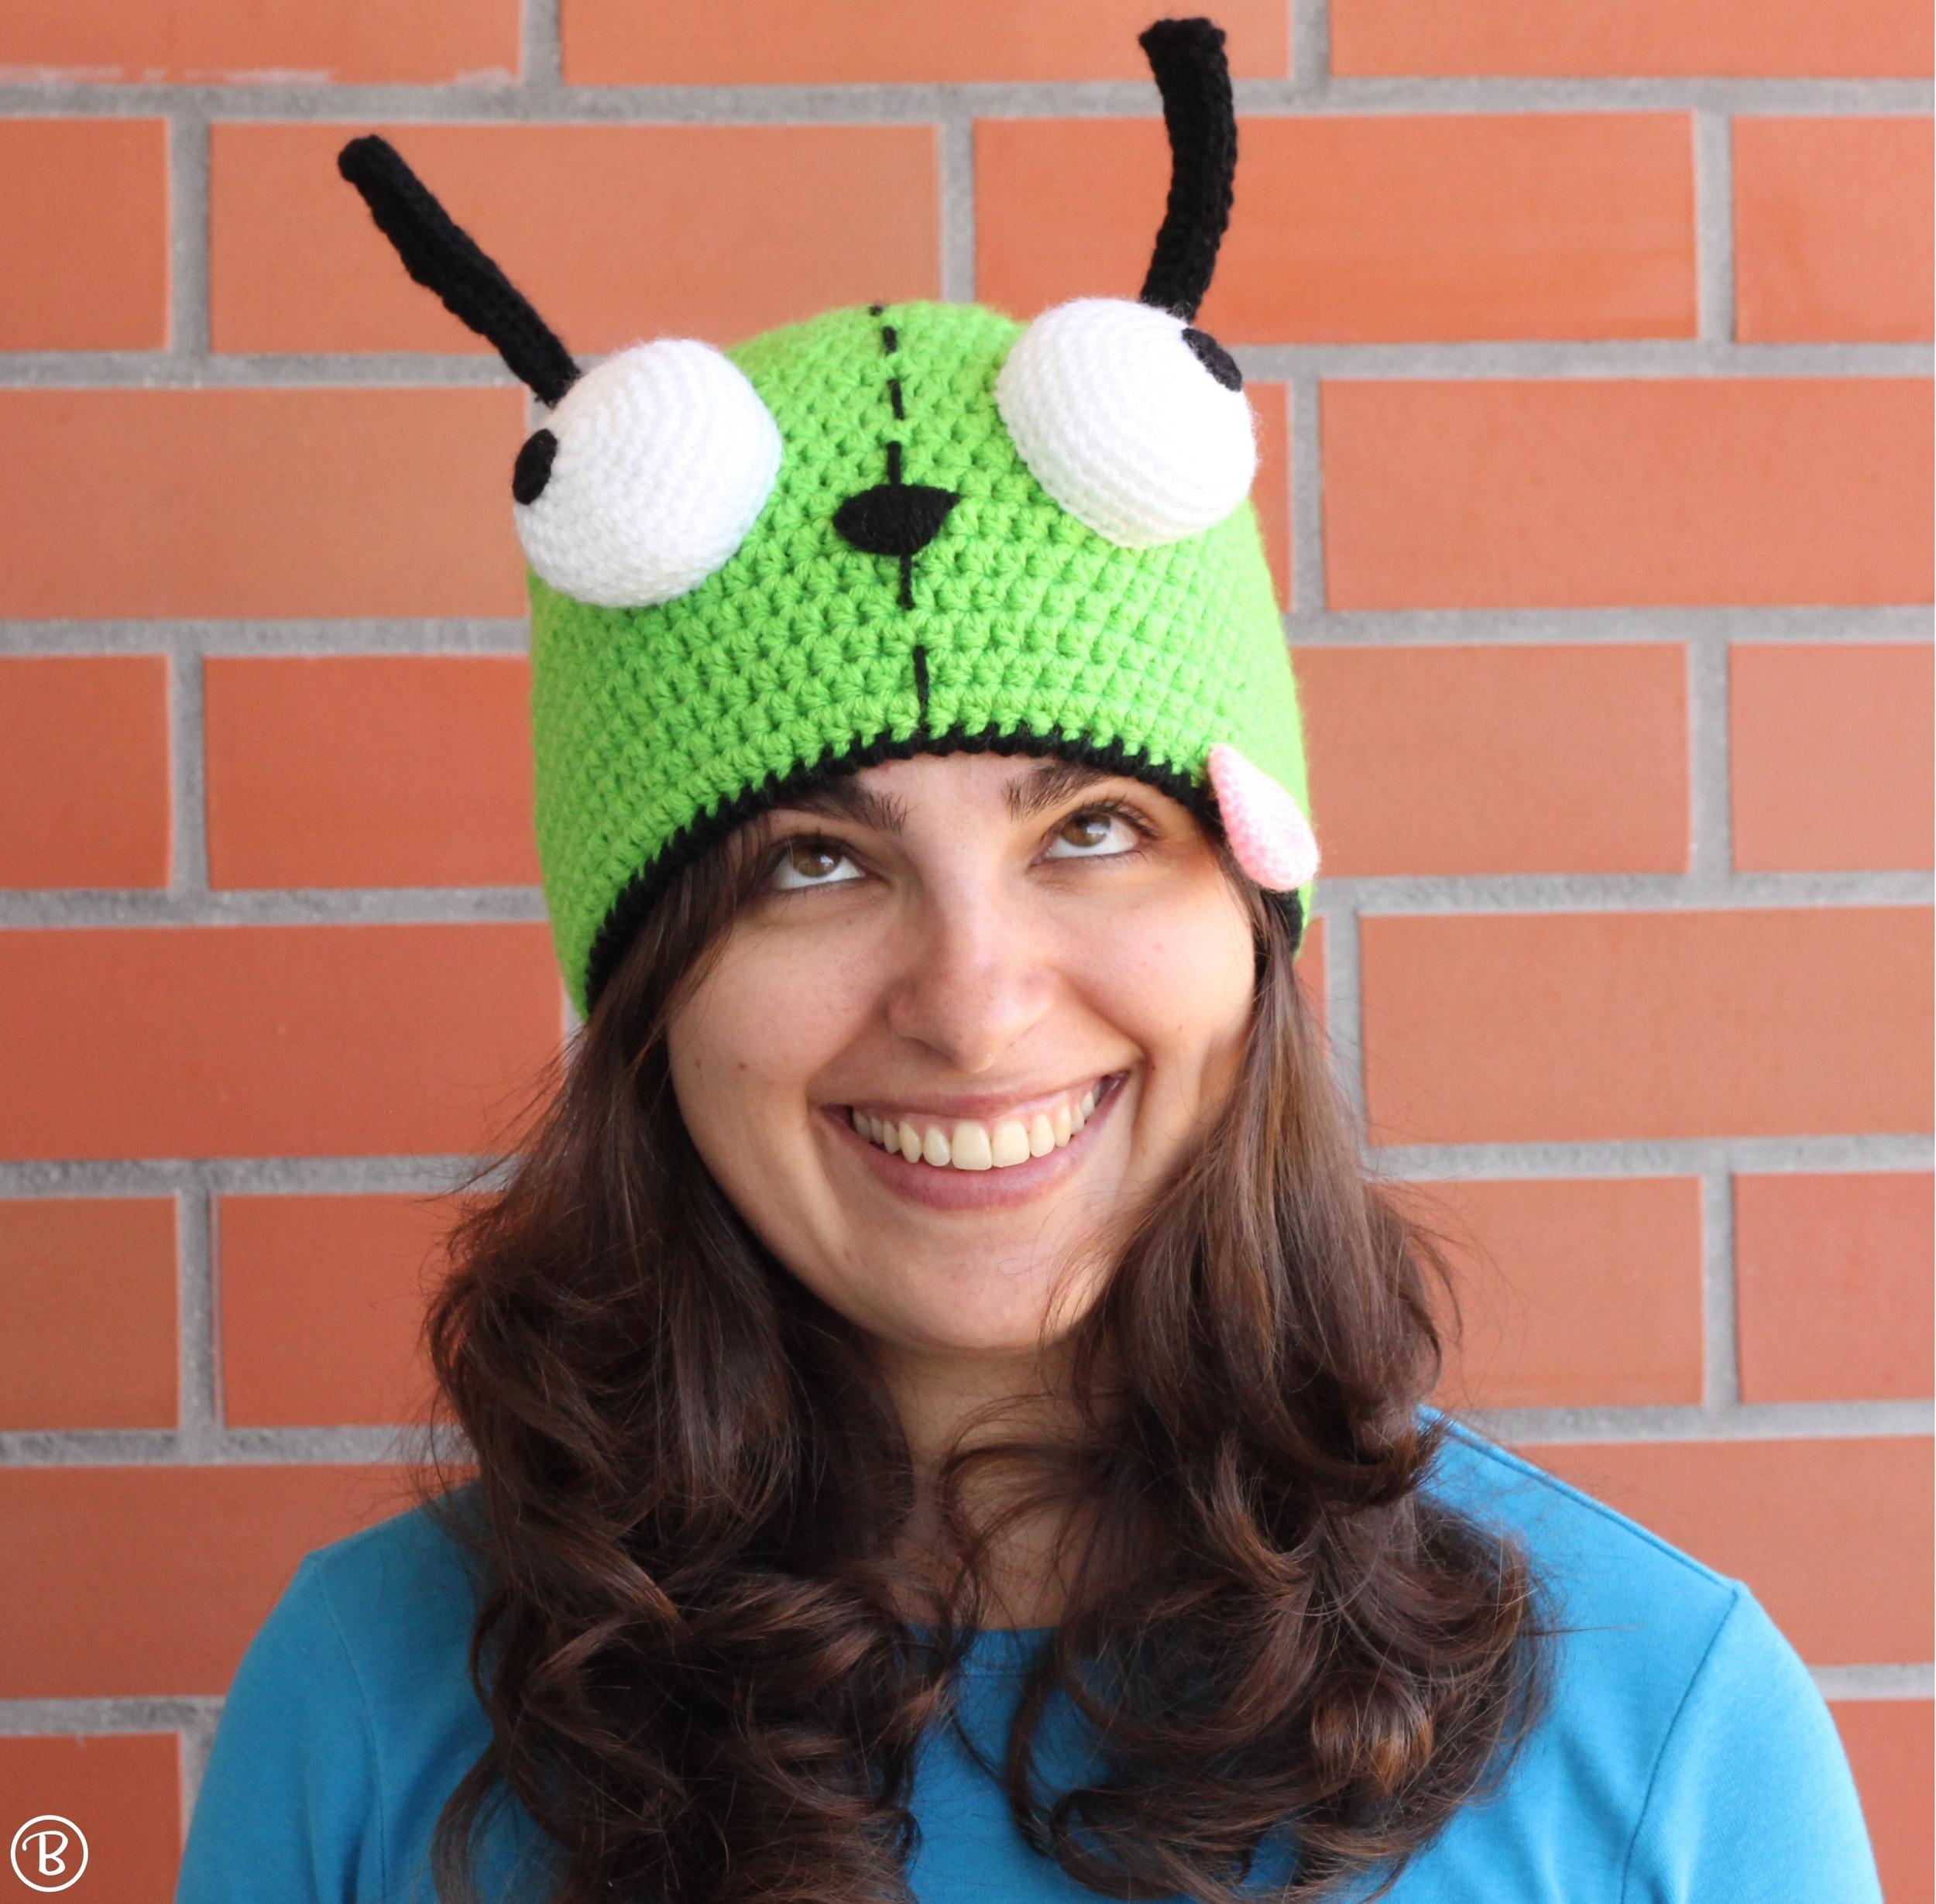 Gir crochet hat